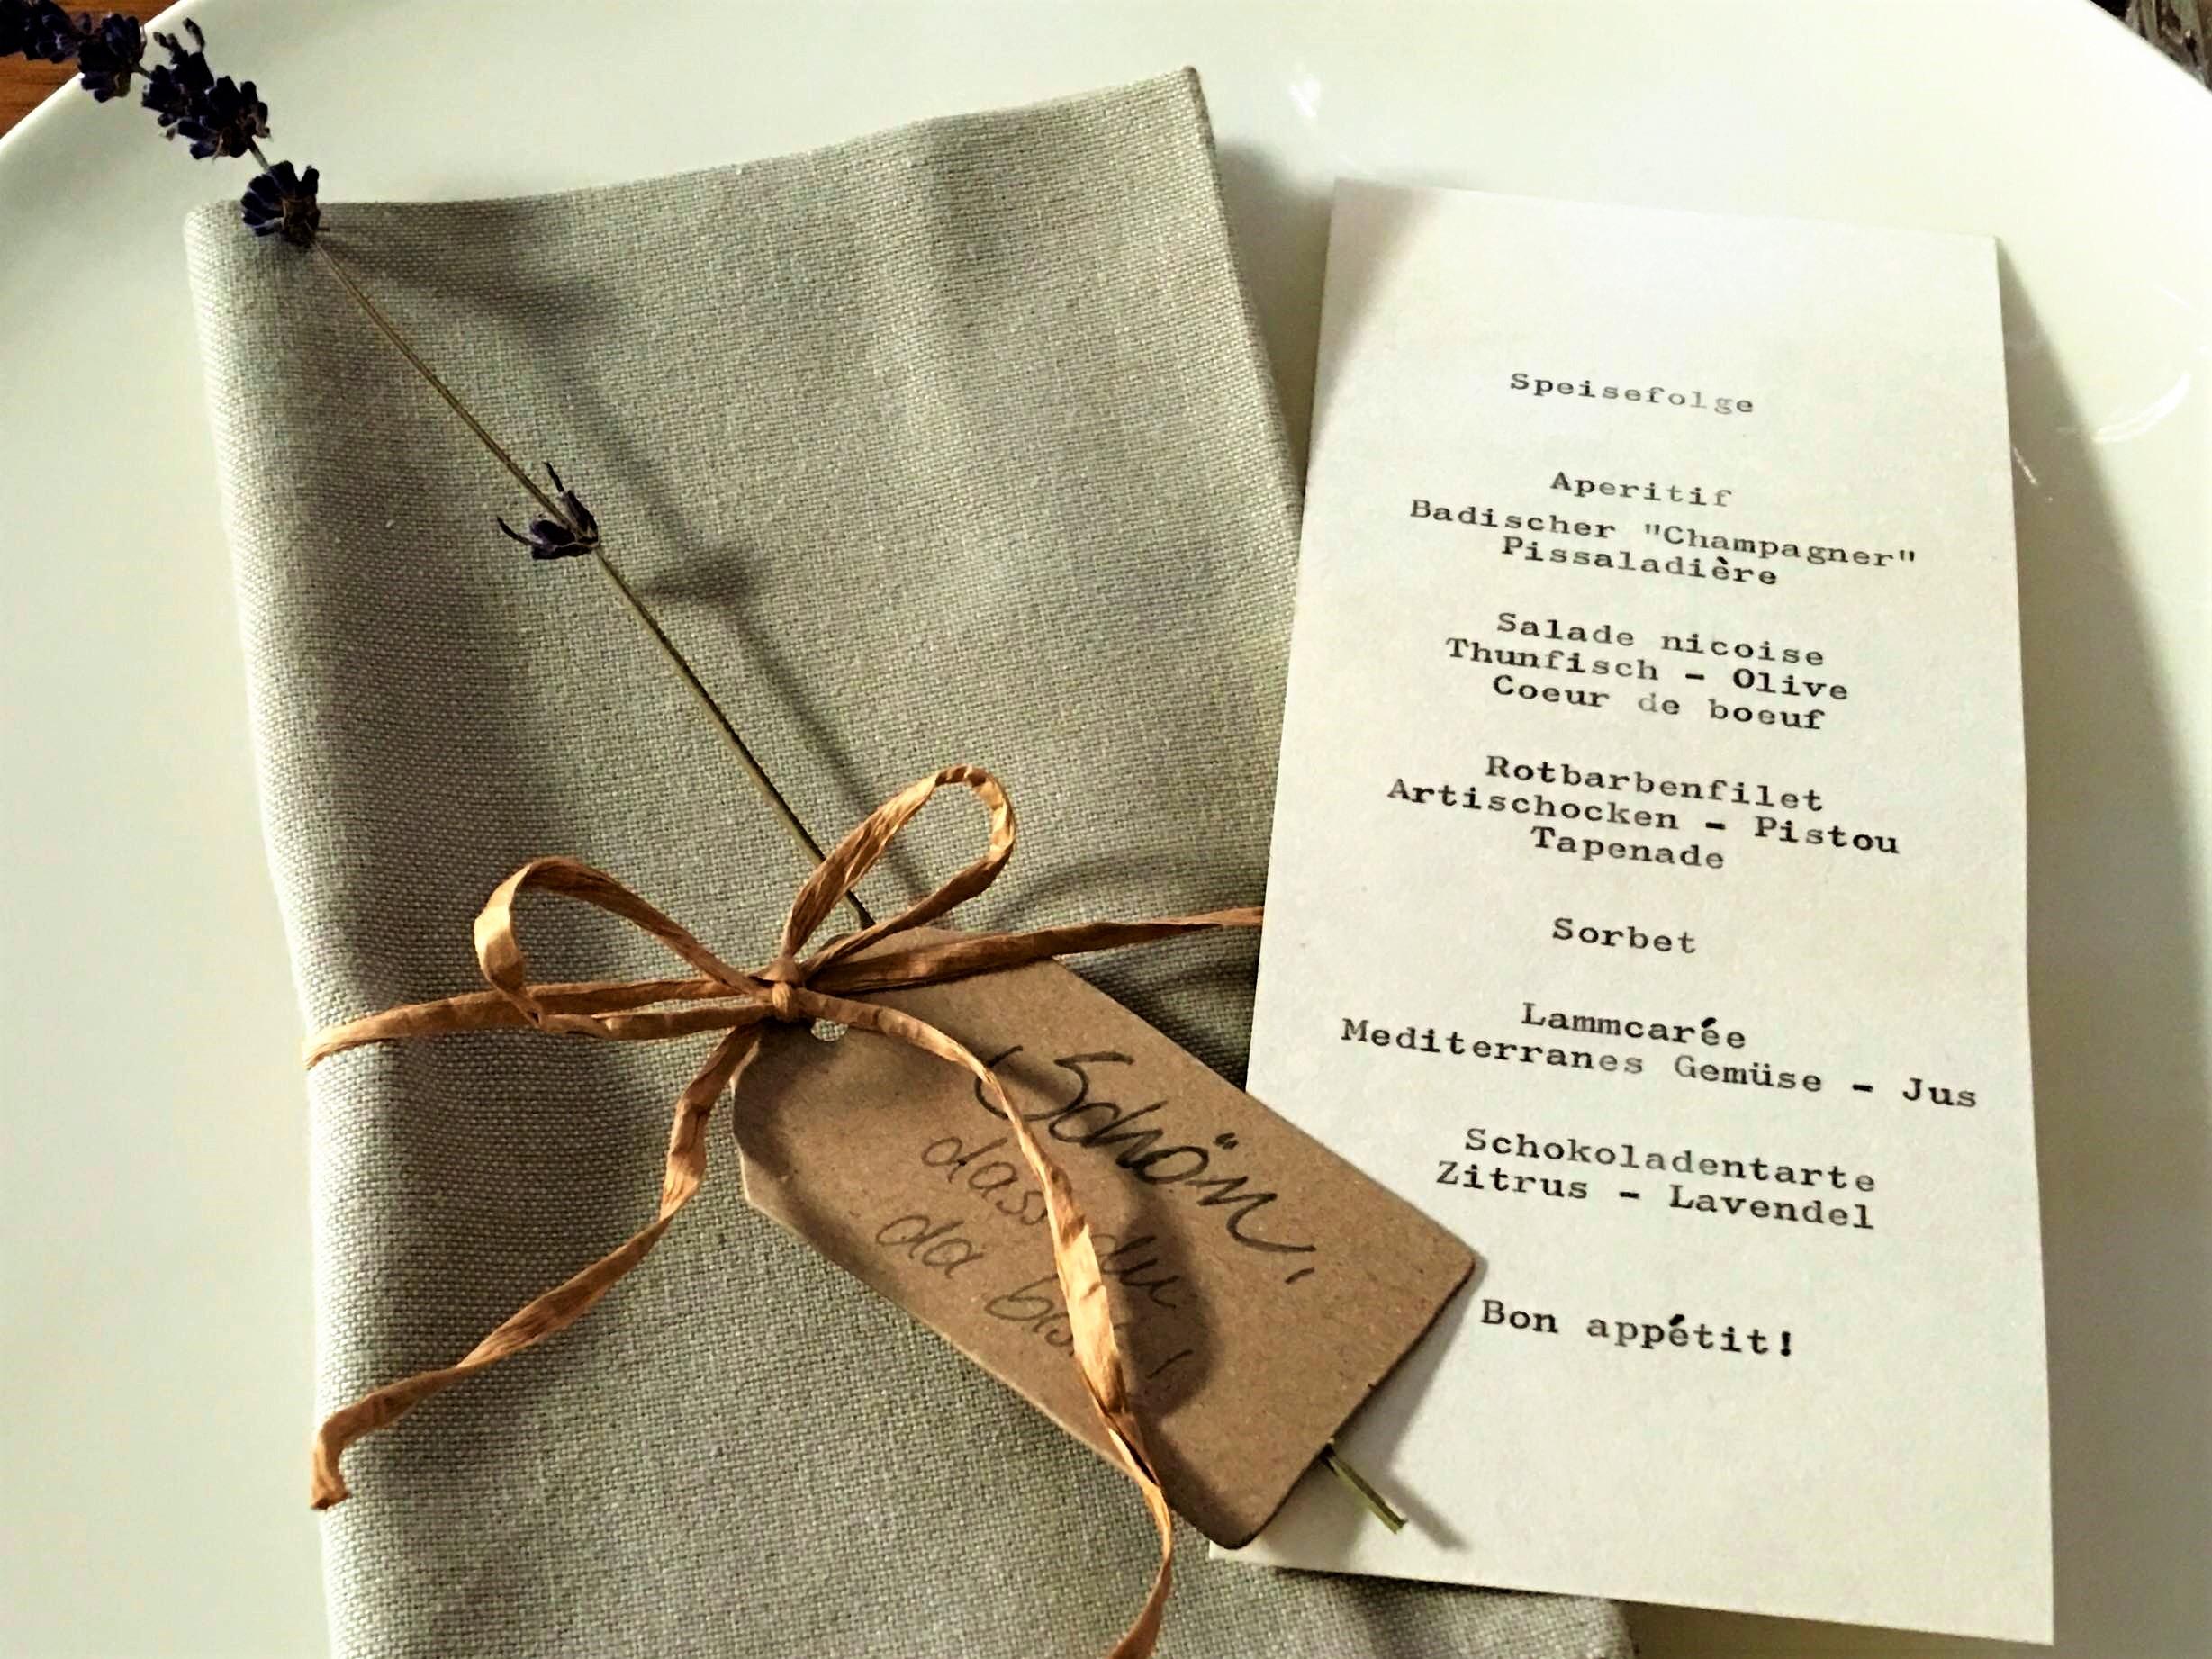 fete provencale menu